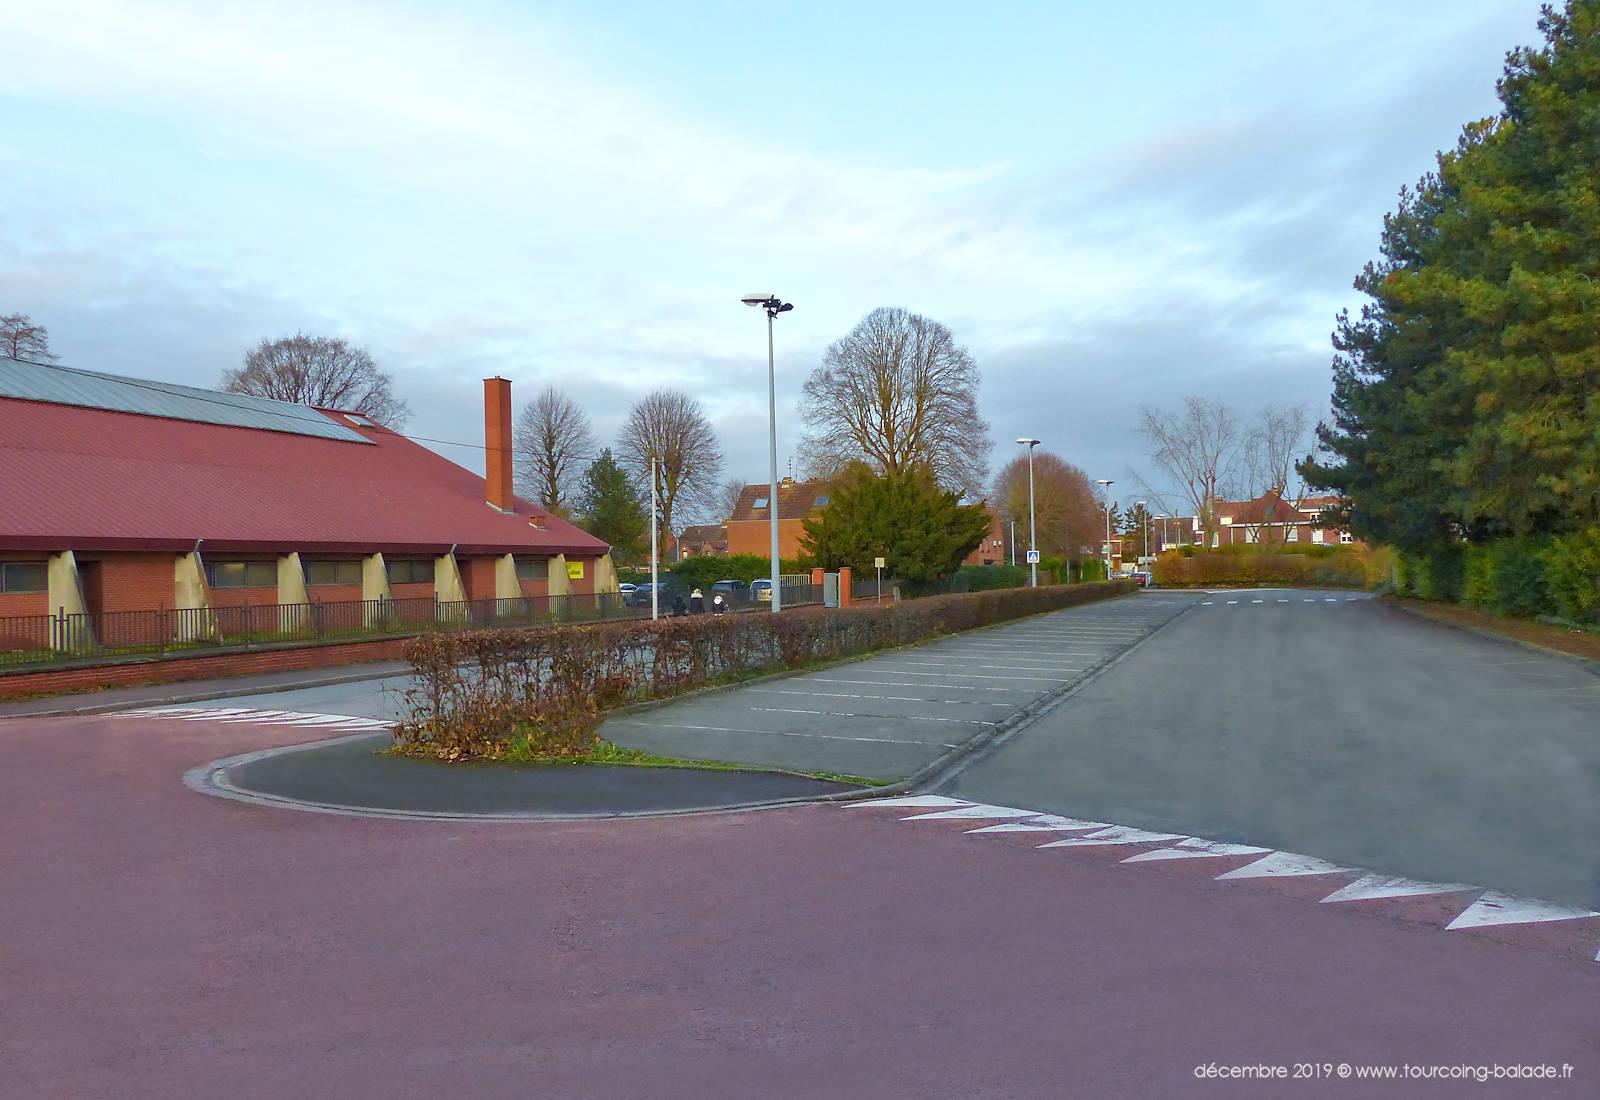 Parking public Tourcoing - Rue de Linselles